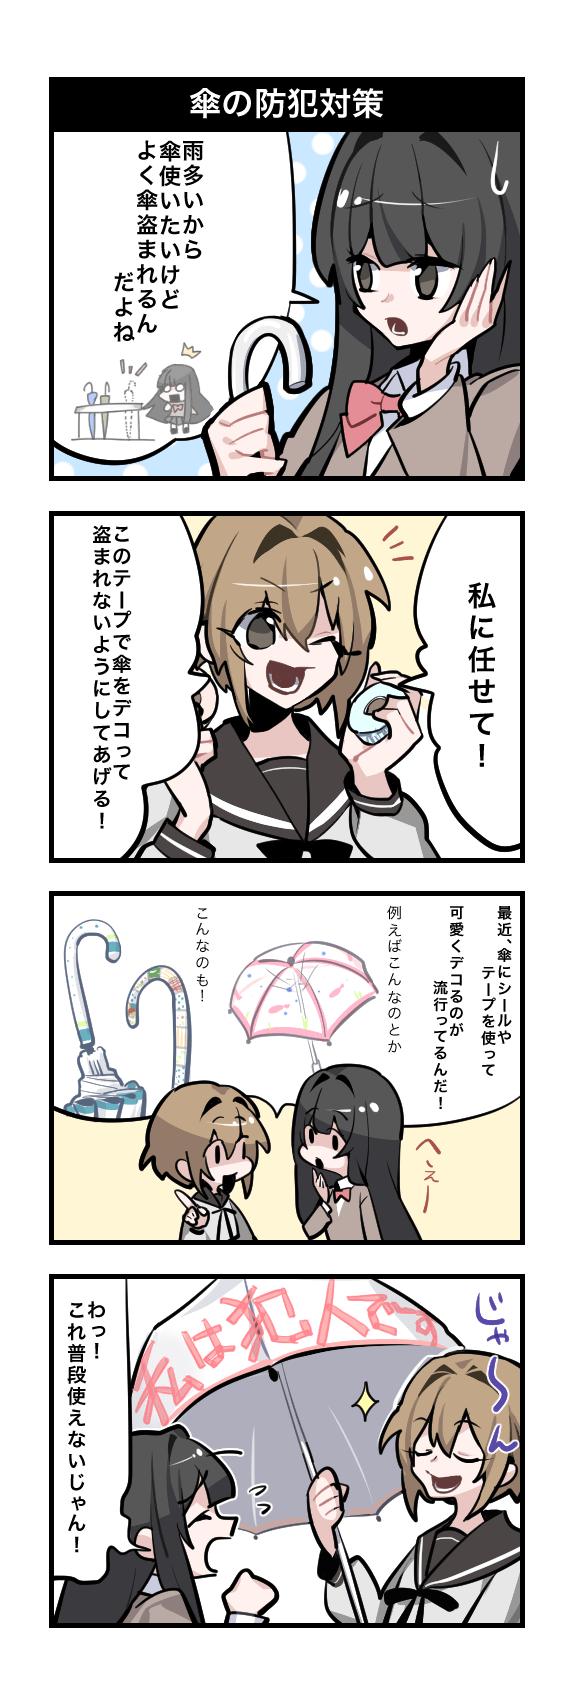 傘の防犯対策